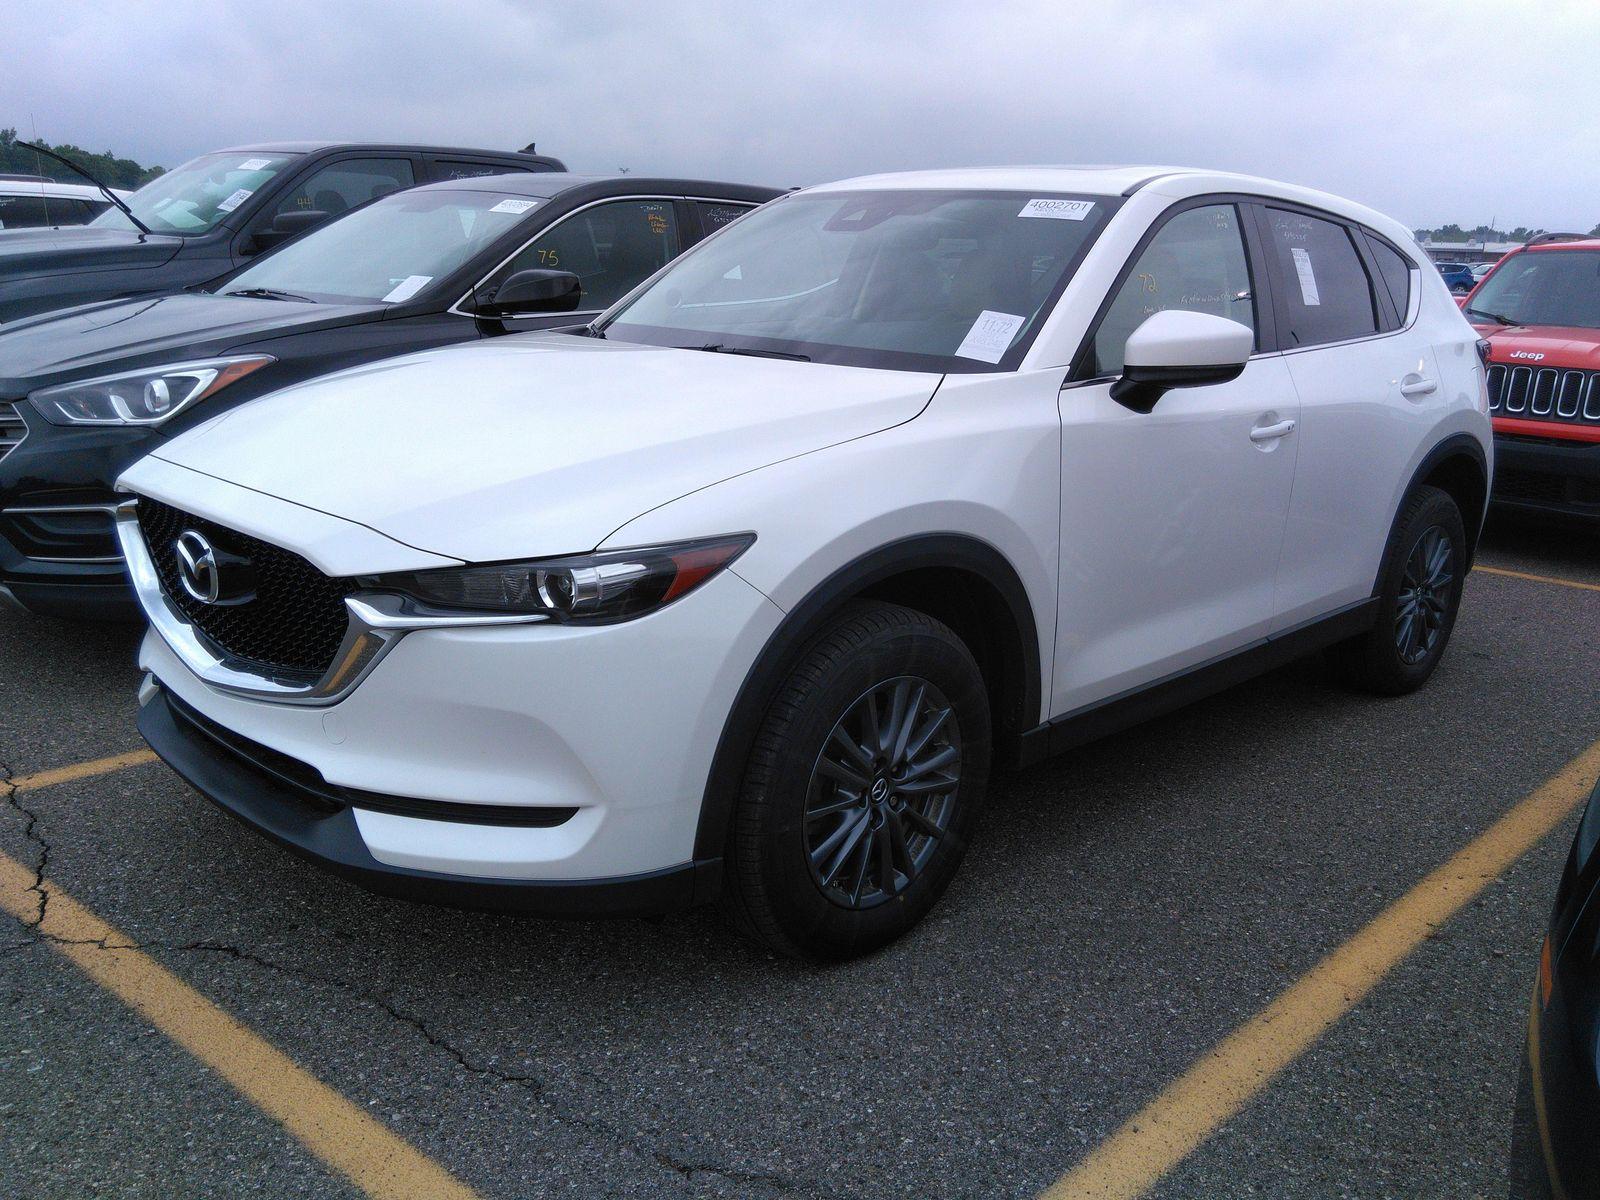 2017 Mazda Cx-5 2.5. Lot 99913651078 Vin JM3KFBCL1H0163770